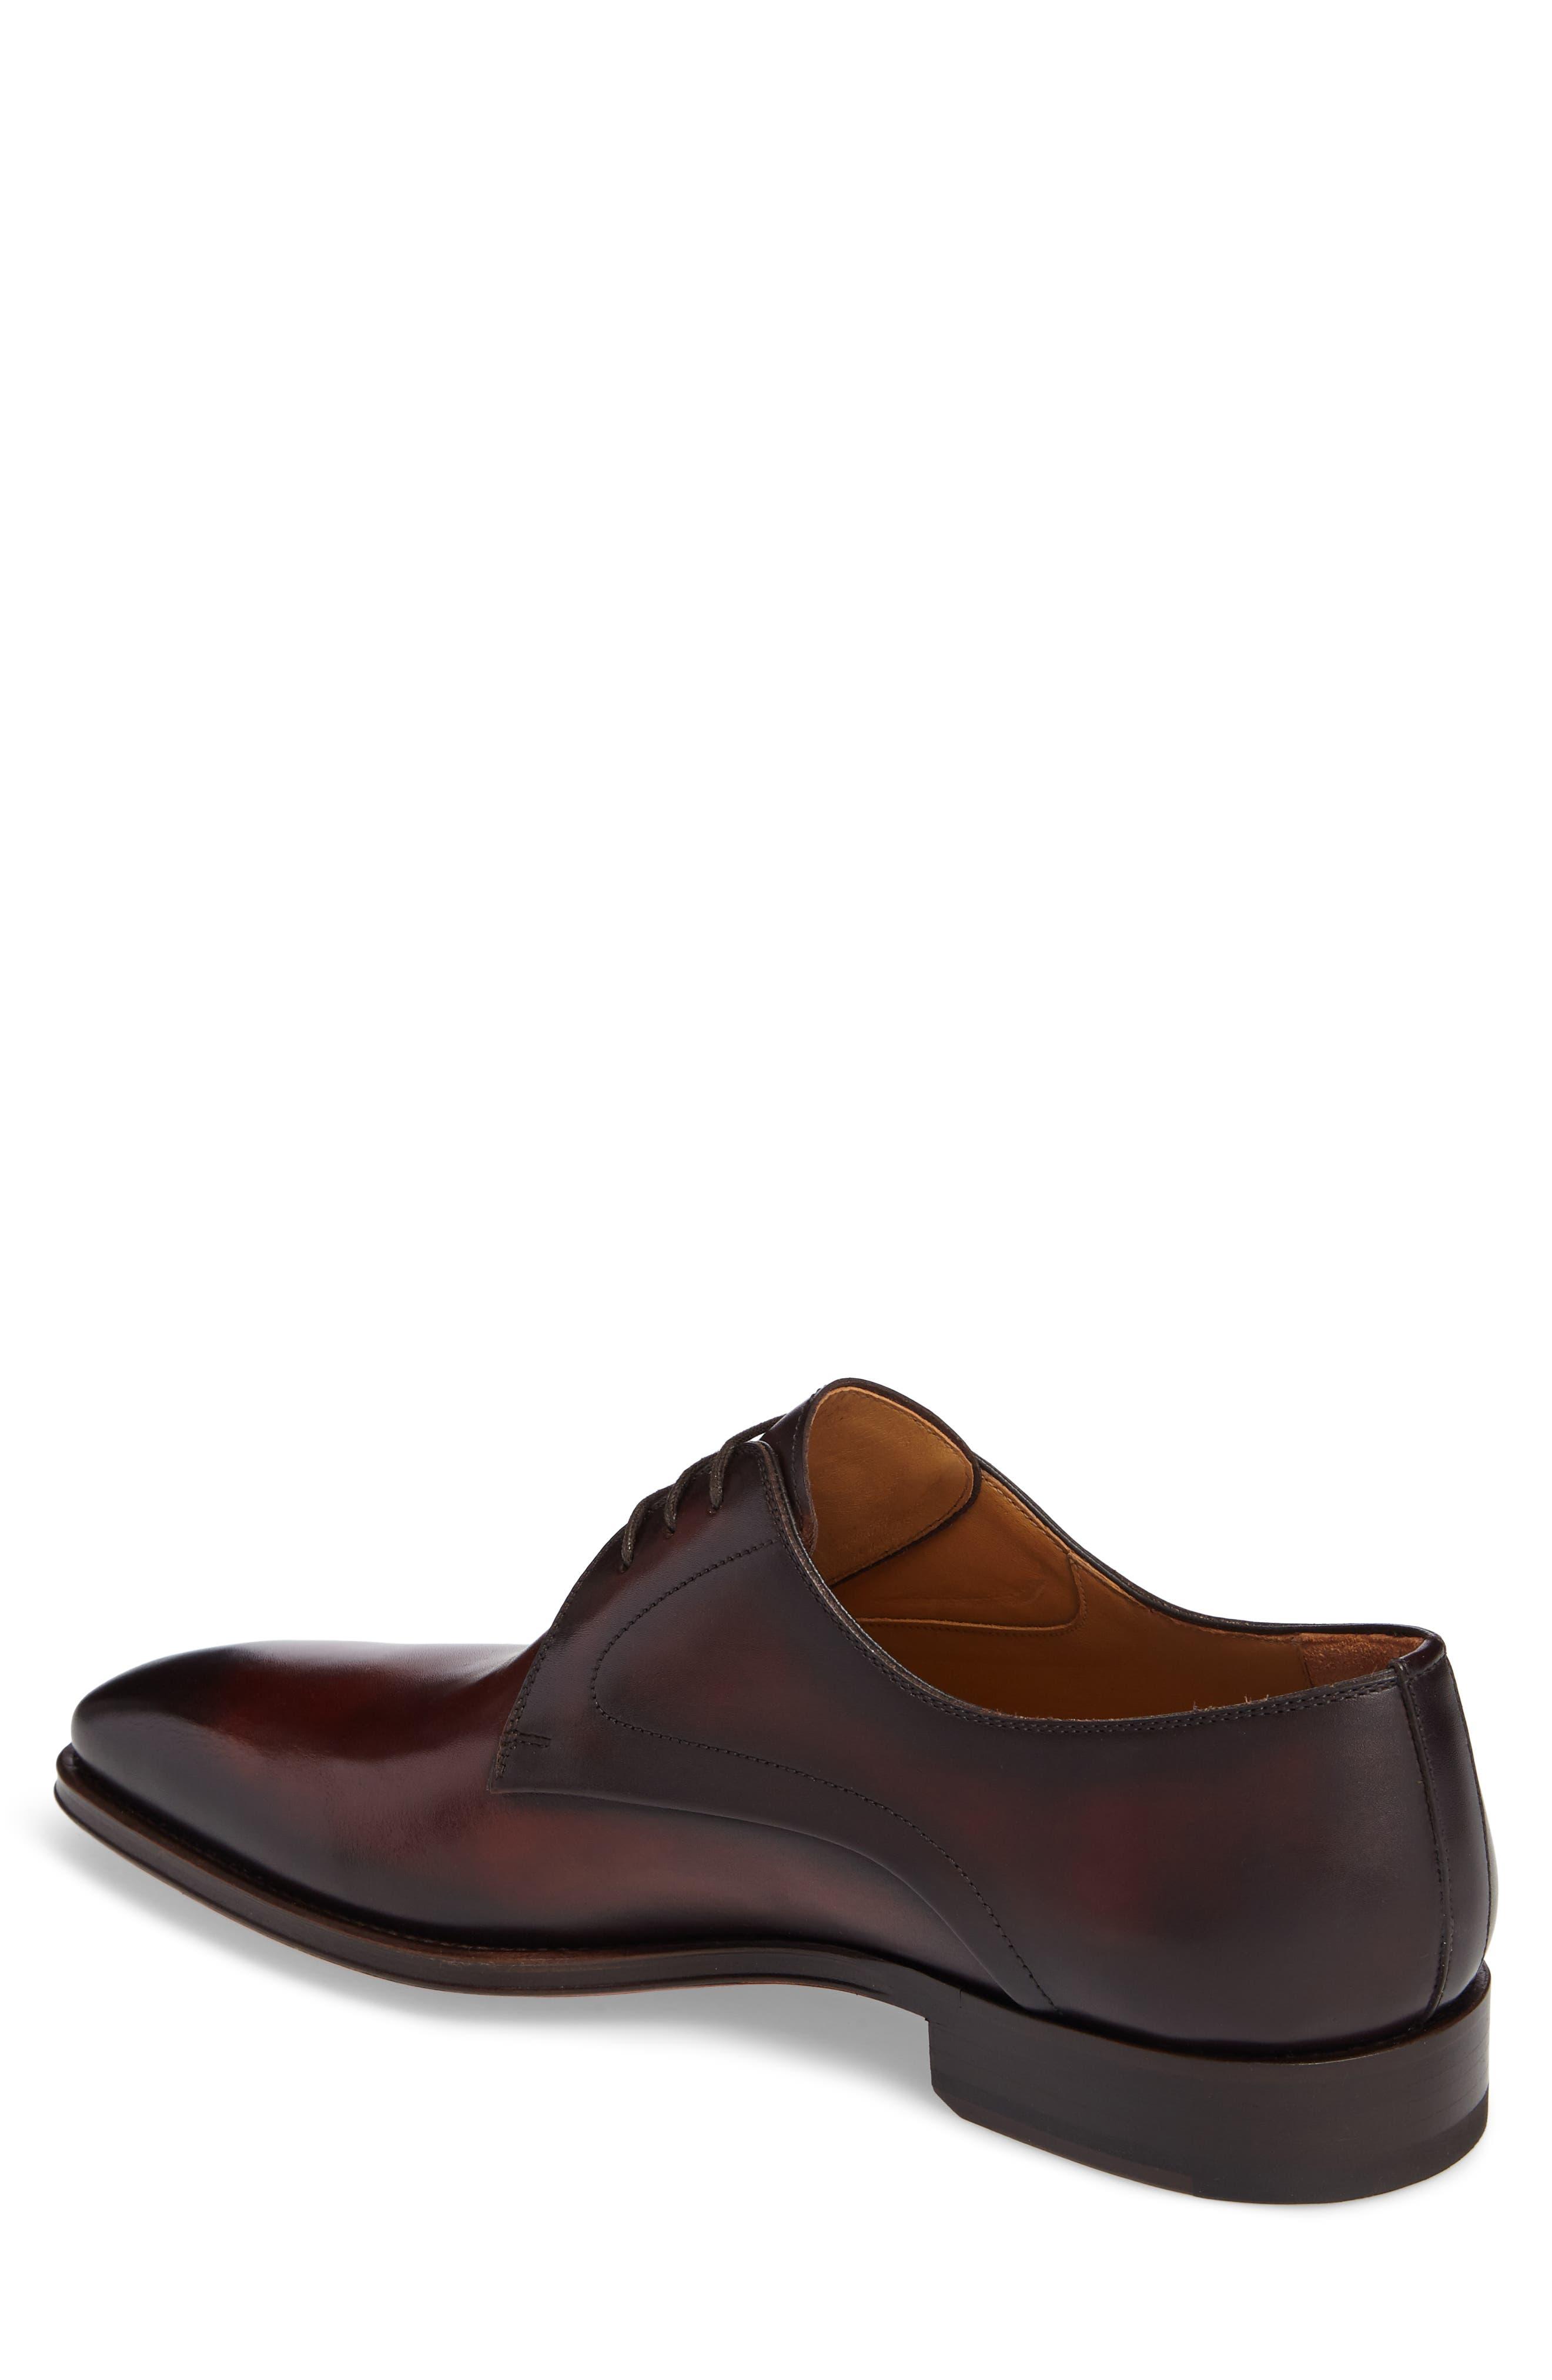 Alternate Image 2  - Magnanni Mario Plain Toe Derby (Men)